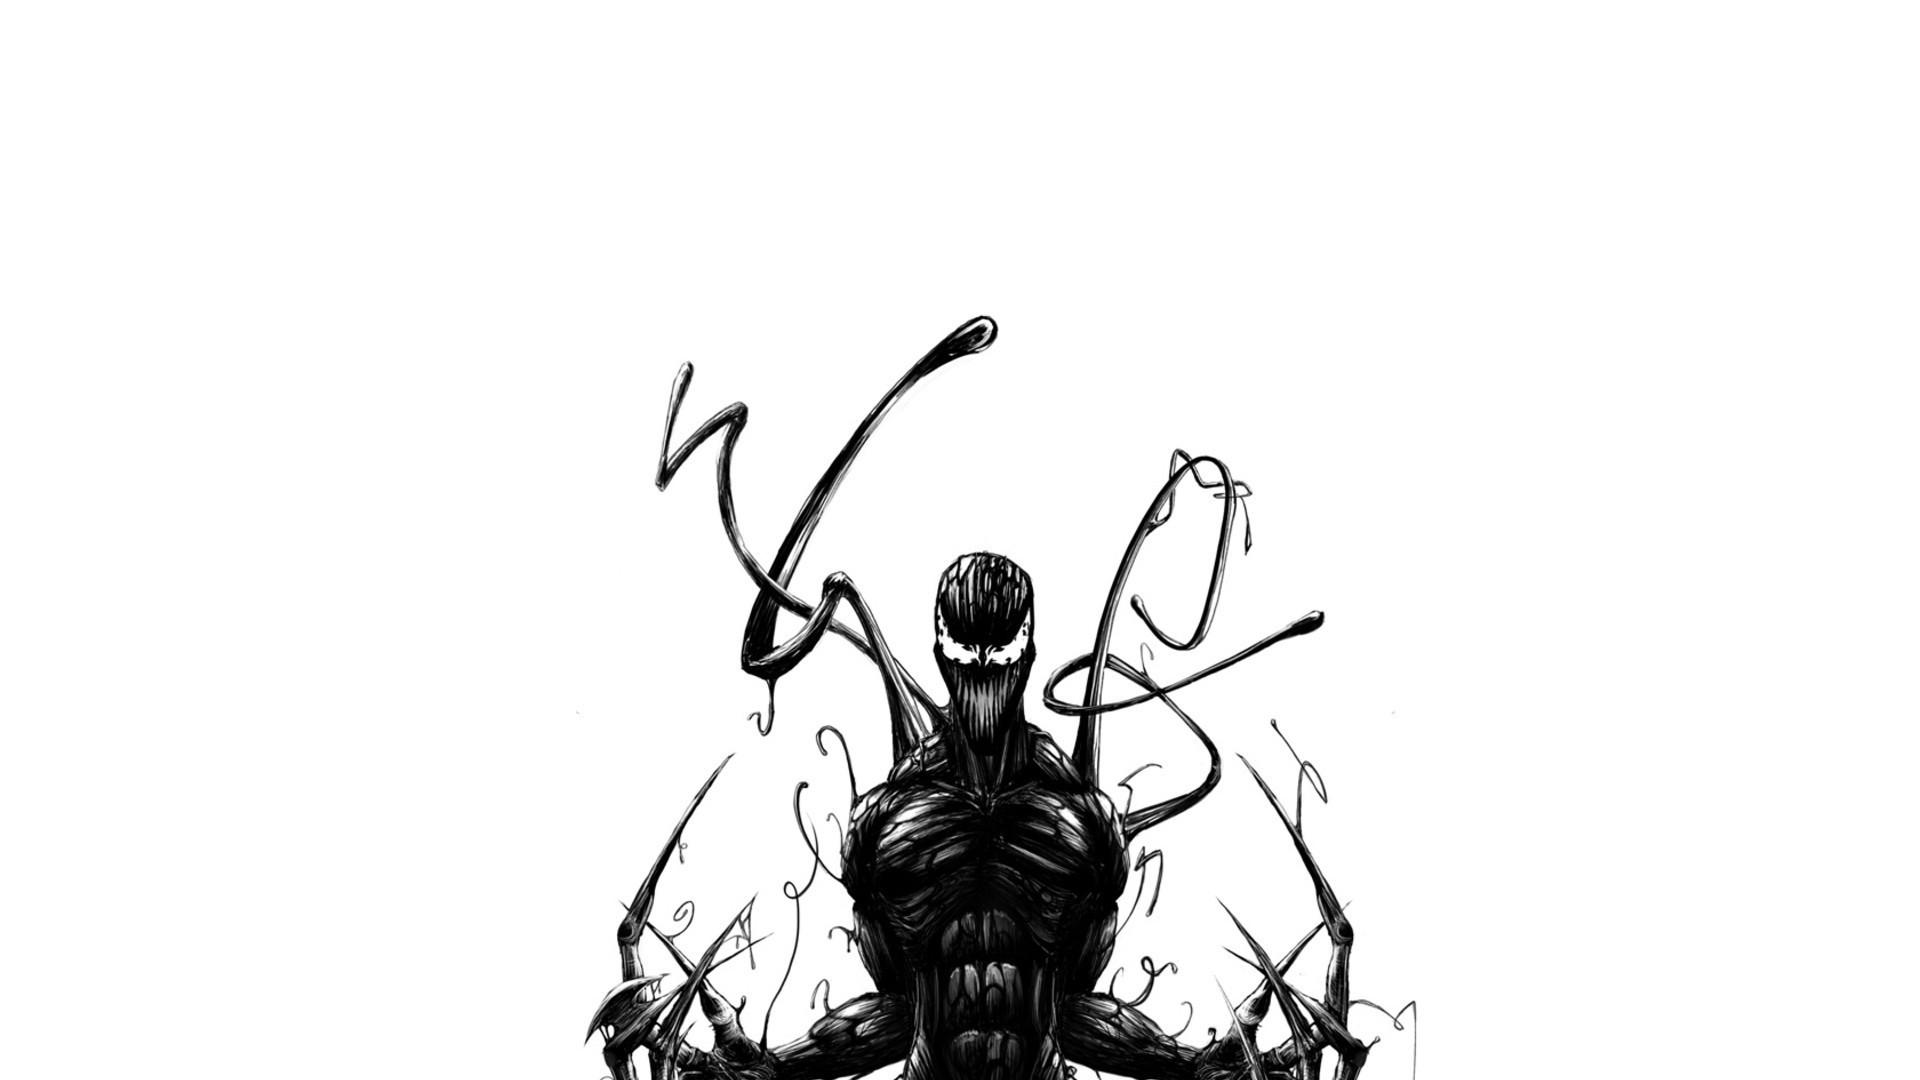 … venom wallpaper …